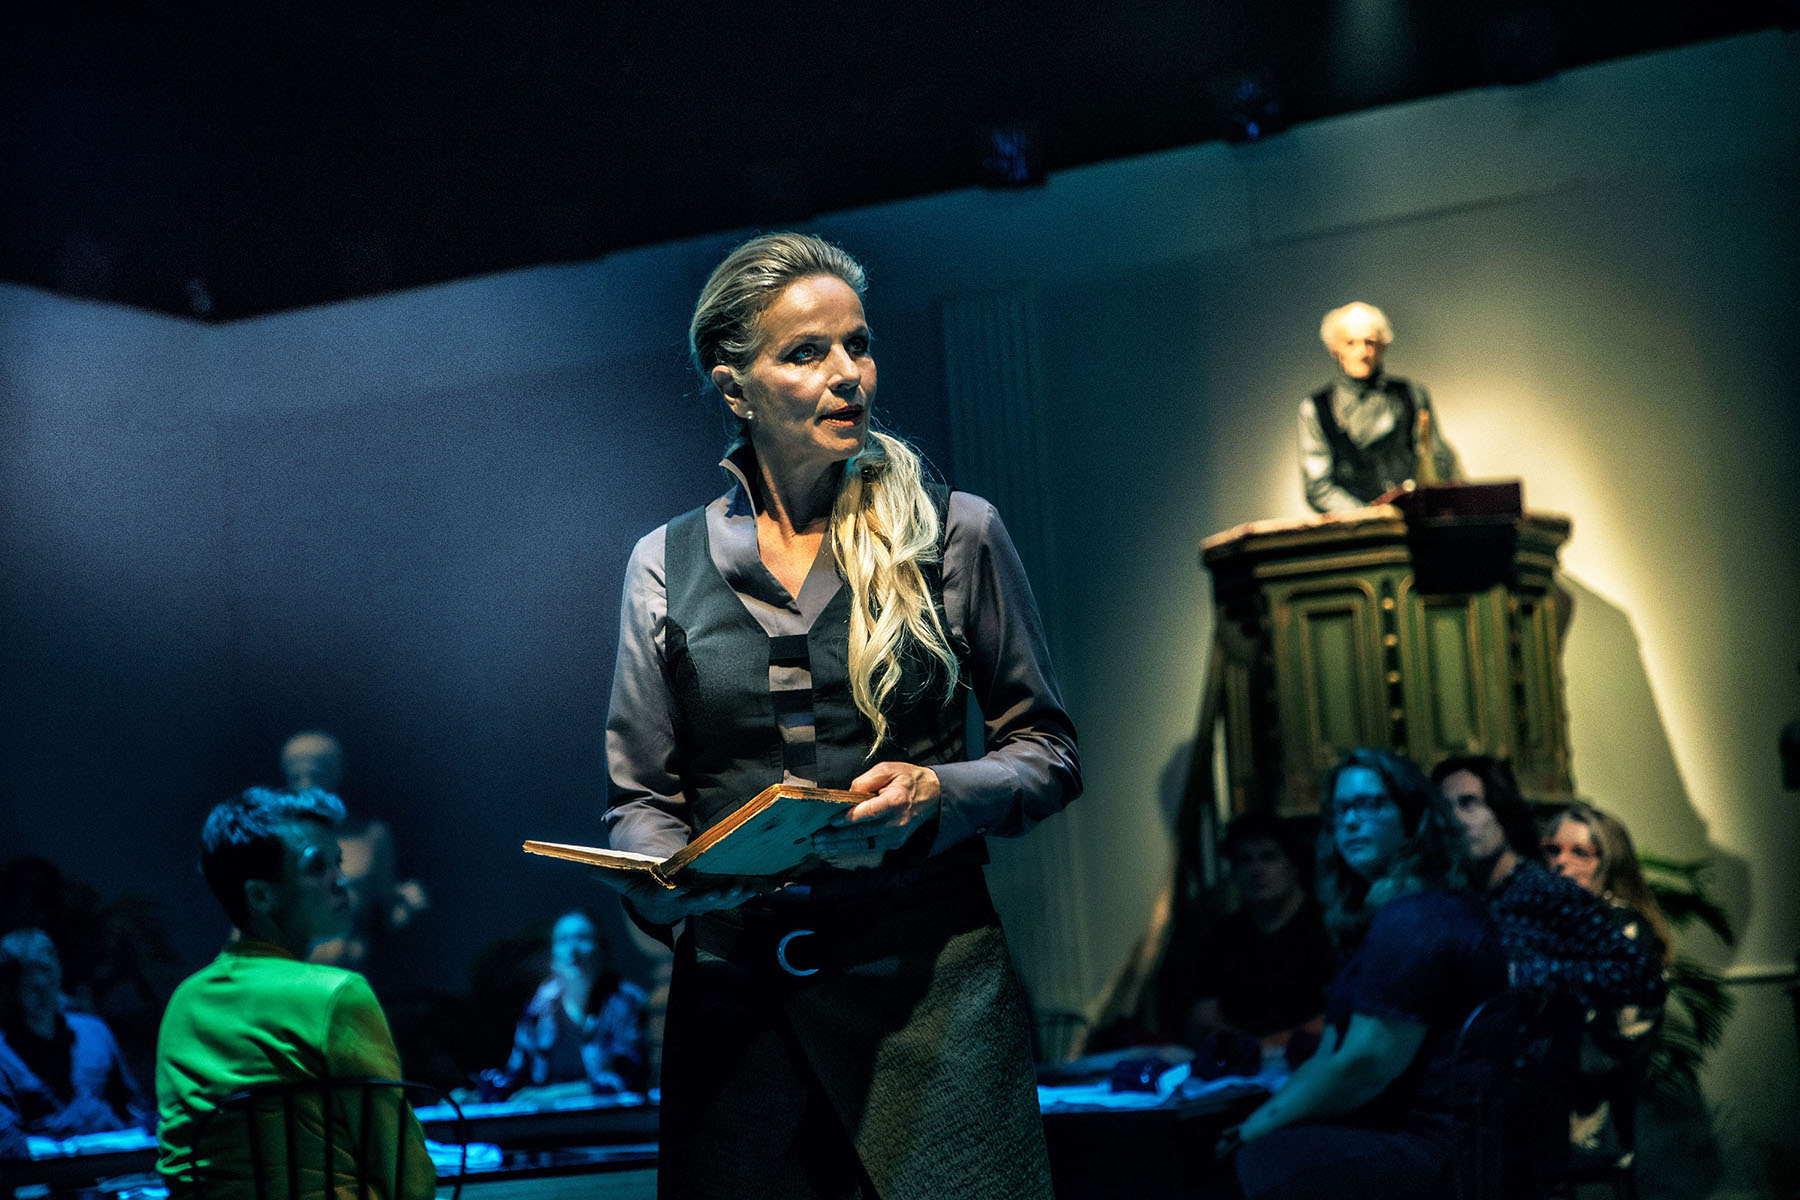 03-Østerbro-Teater-BabettesGæstebud-Fotograf- Per Morten Abrahamsen-LILLE7